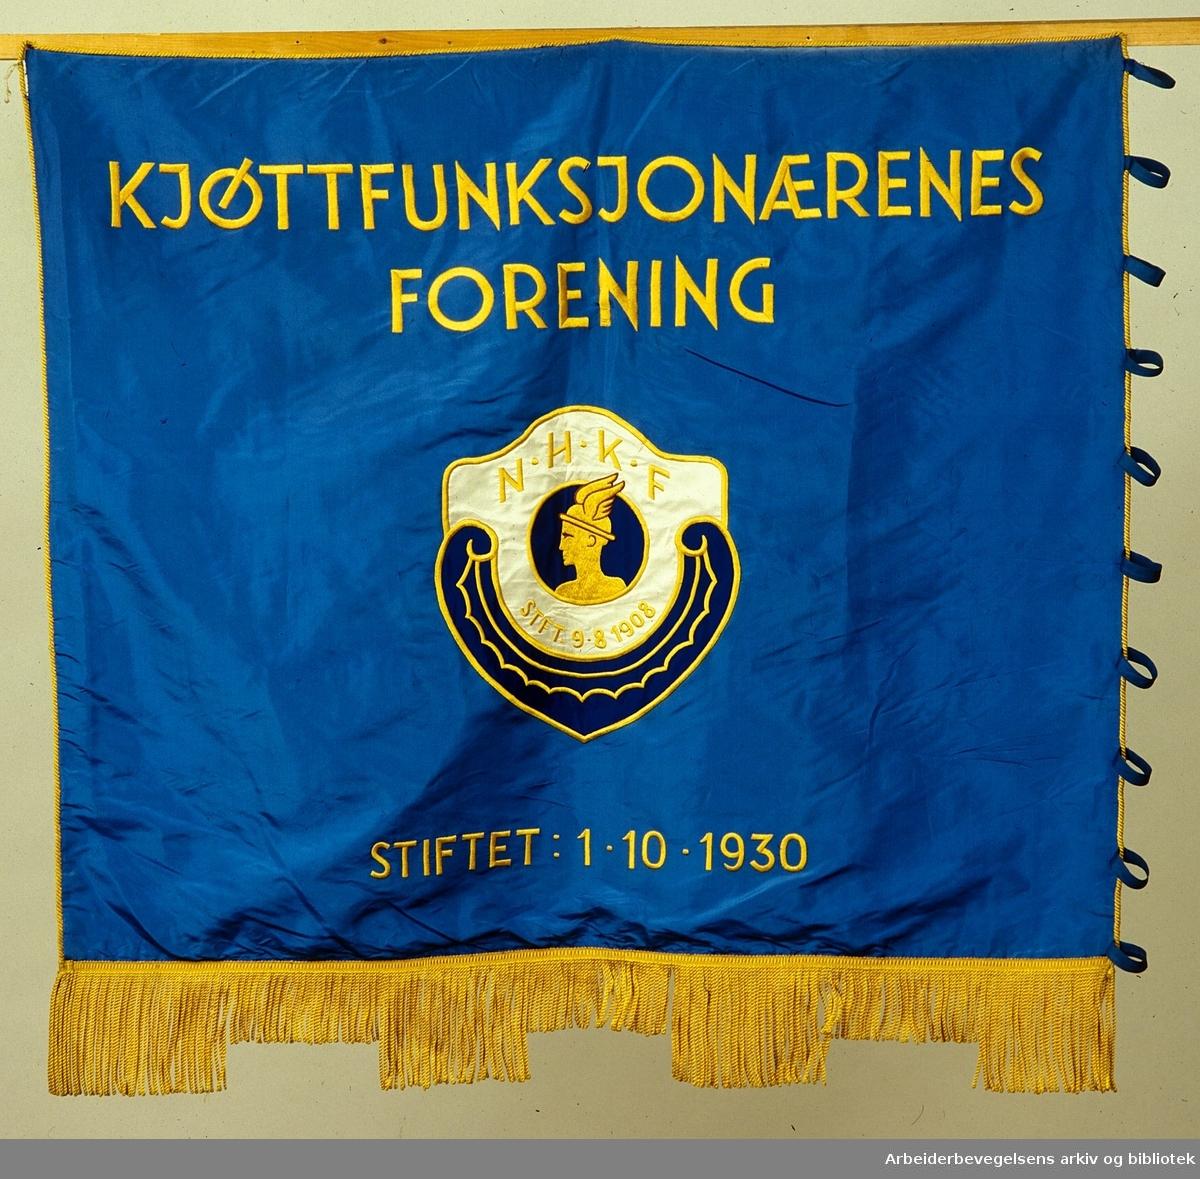 Kjøttfunksjonærenes forening.Stiftet 1. oktober 1930..Forside..Fanetekst: Kjøttfunksjonærenes forening.N.H.K.F. Stift. 9 - 8 - 1908.Stiftet 1 - 10 - 1930.